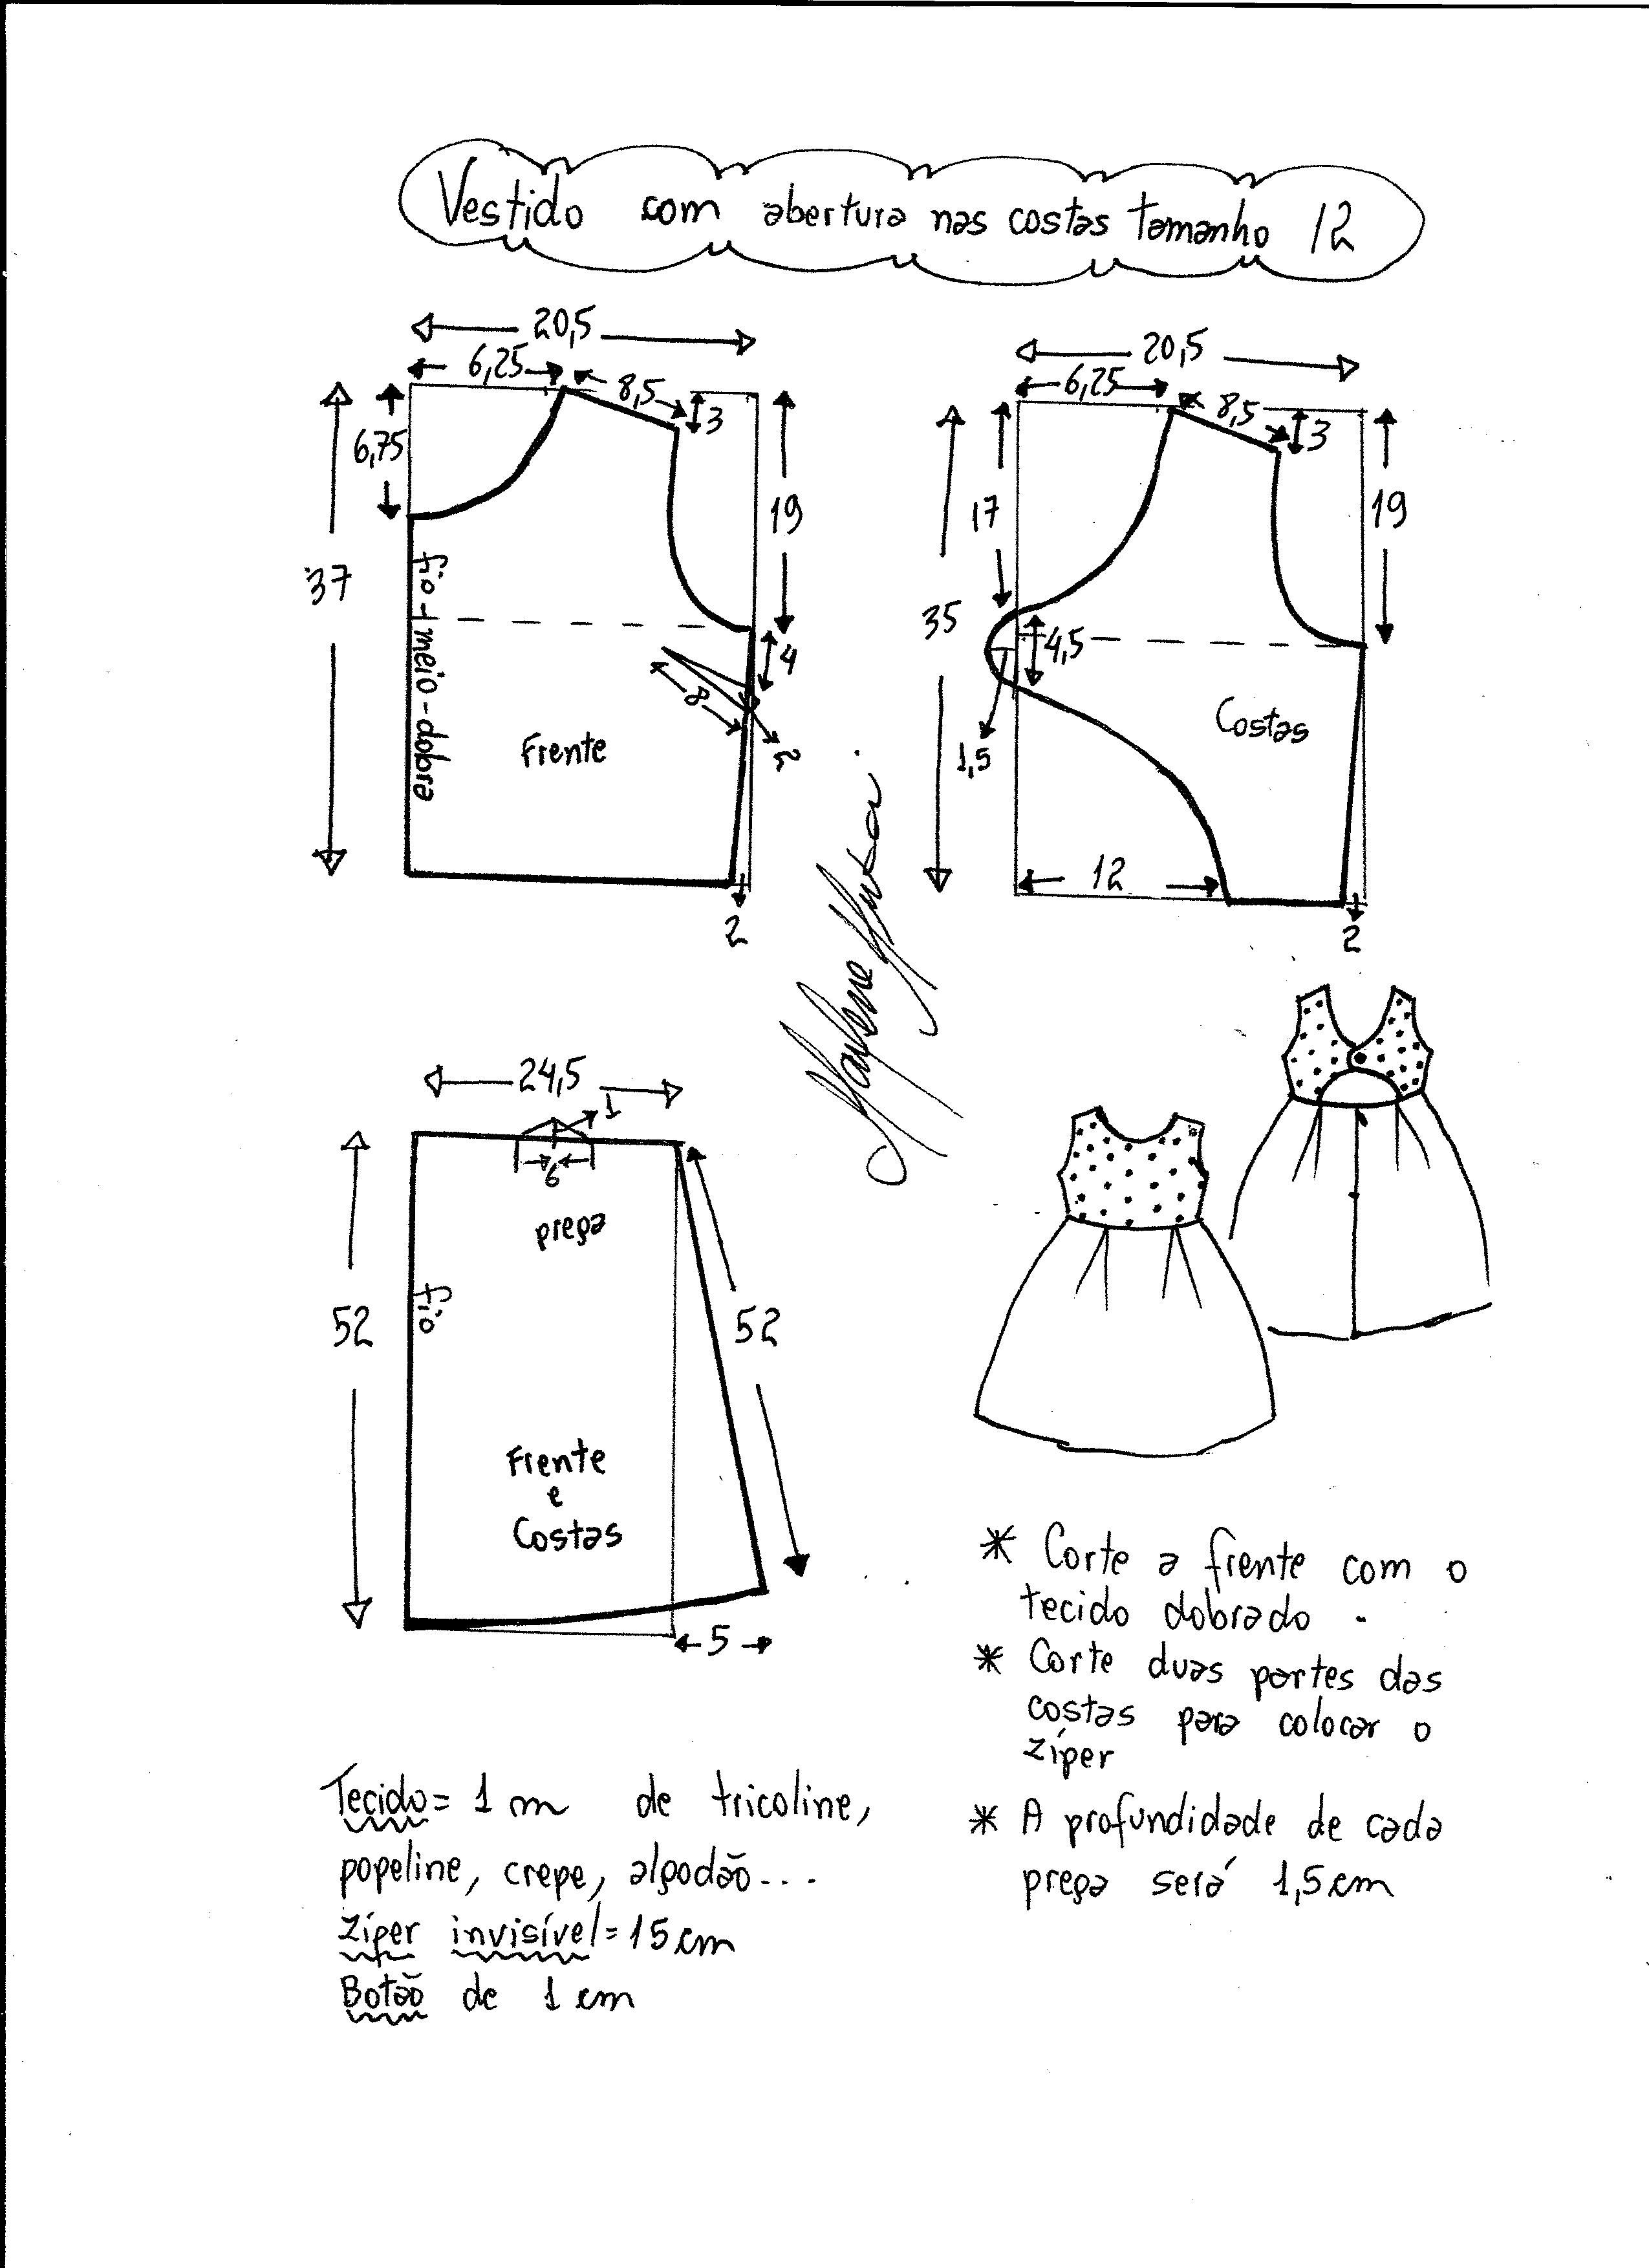 Esquema De Modelagem De Vestido Com Abertura Nas Costas